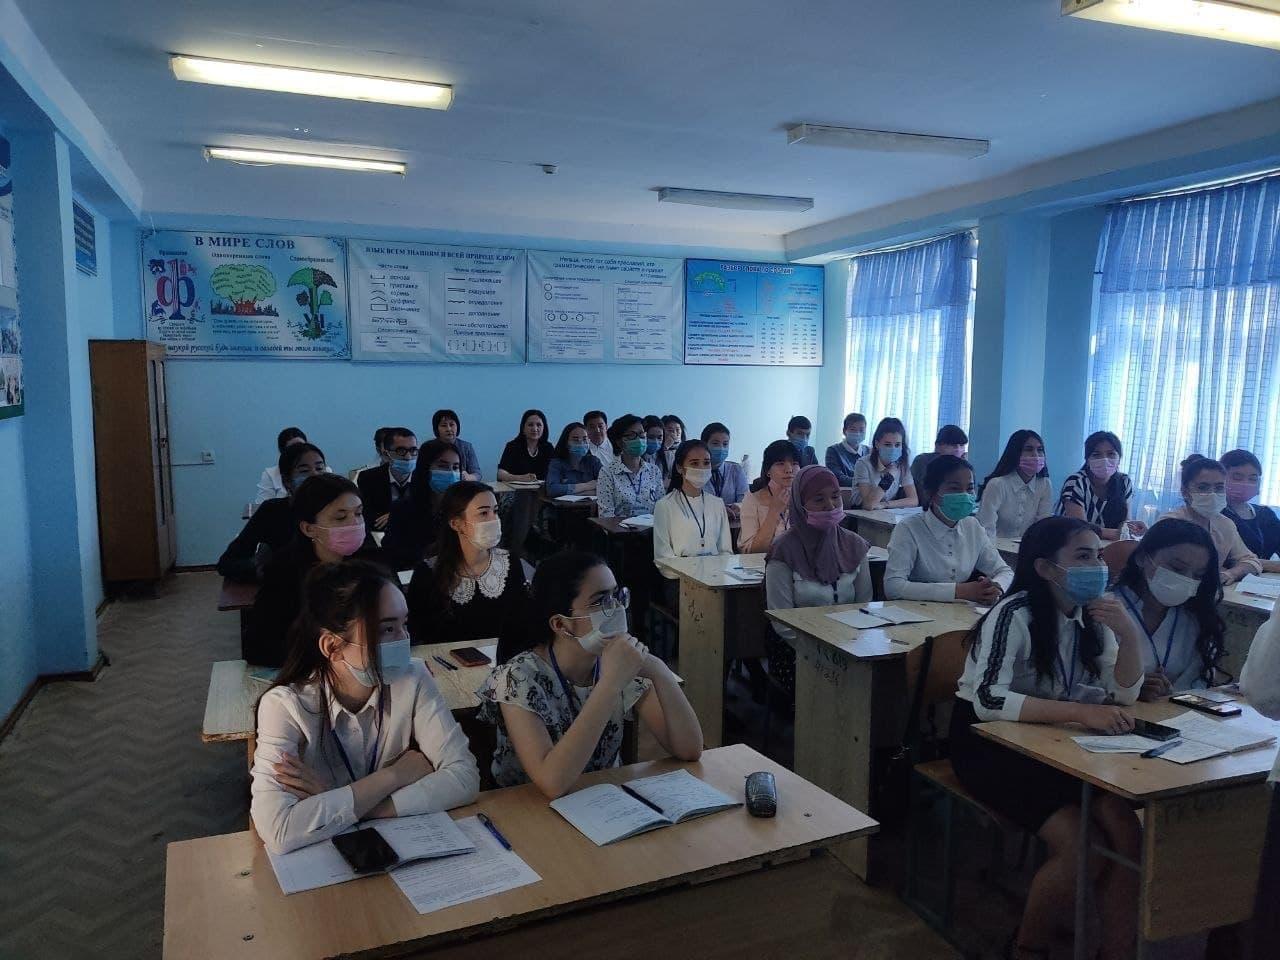 photo 2021 05 02 12 31 17 2 - Открытое занятие как показатель мастерства преподавателя